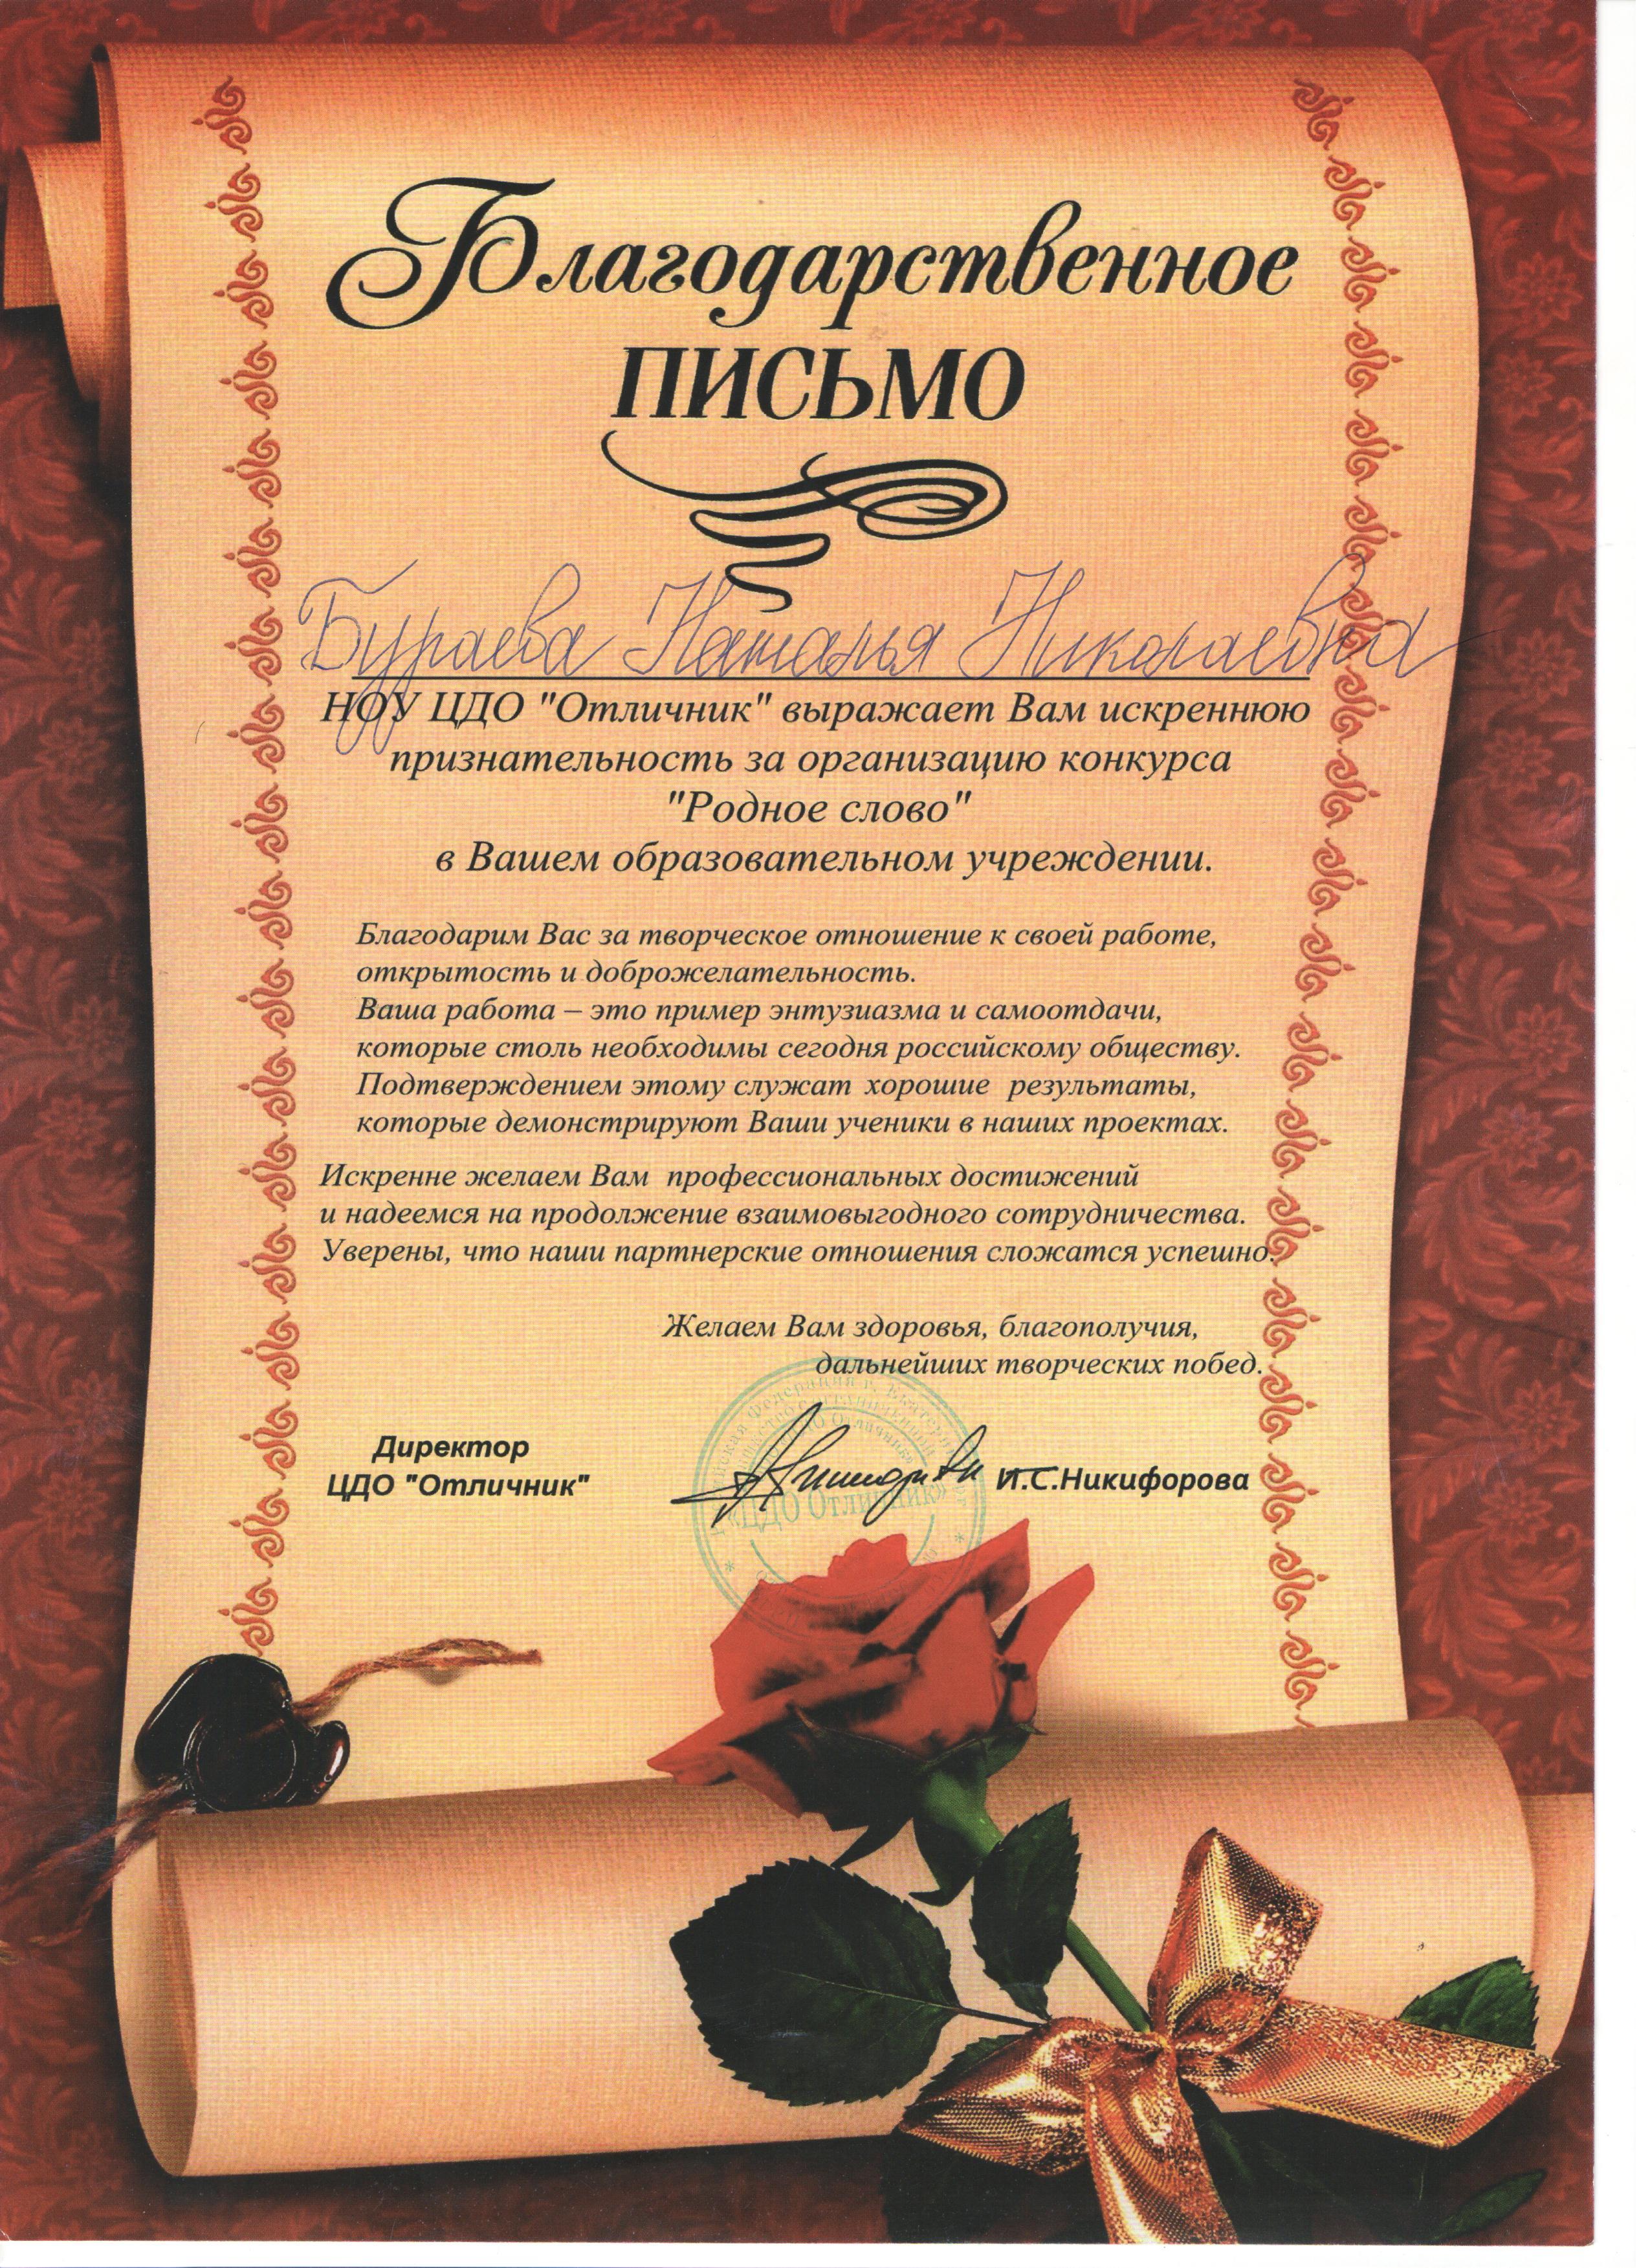 Главное правило официального поздравления 60